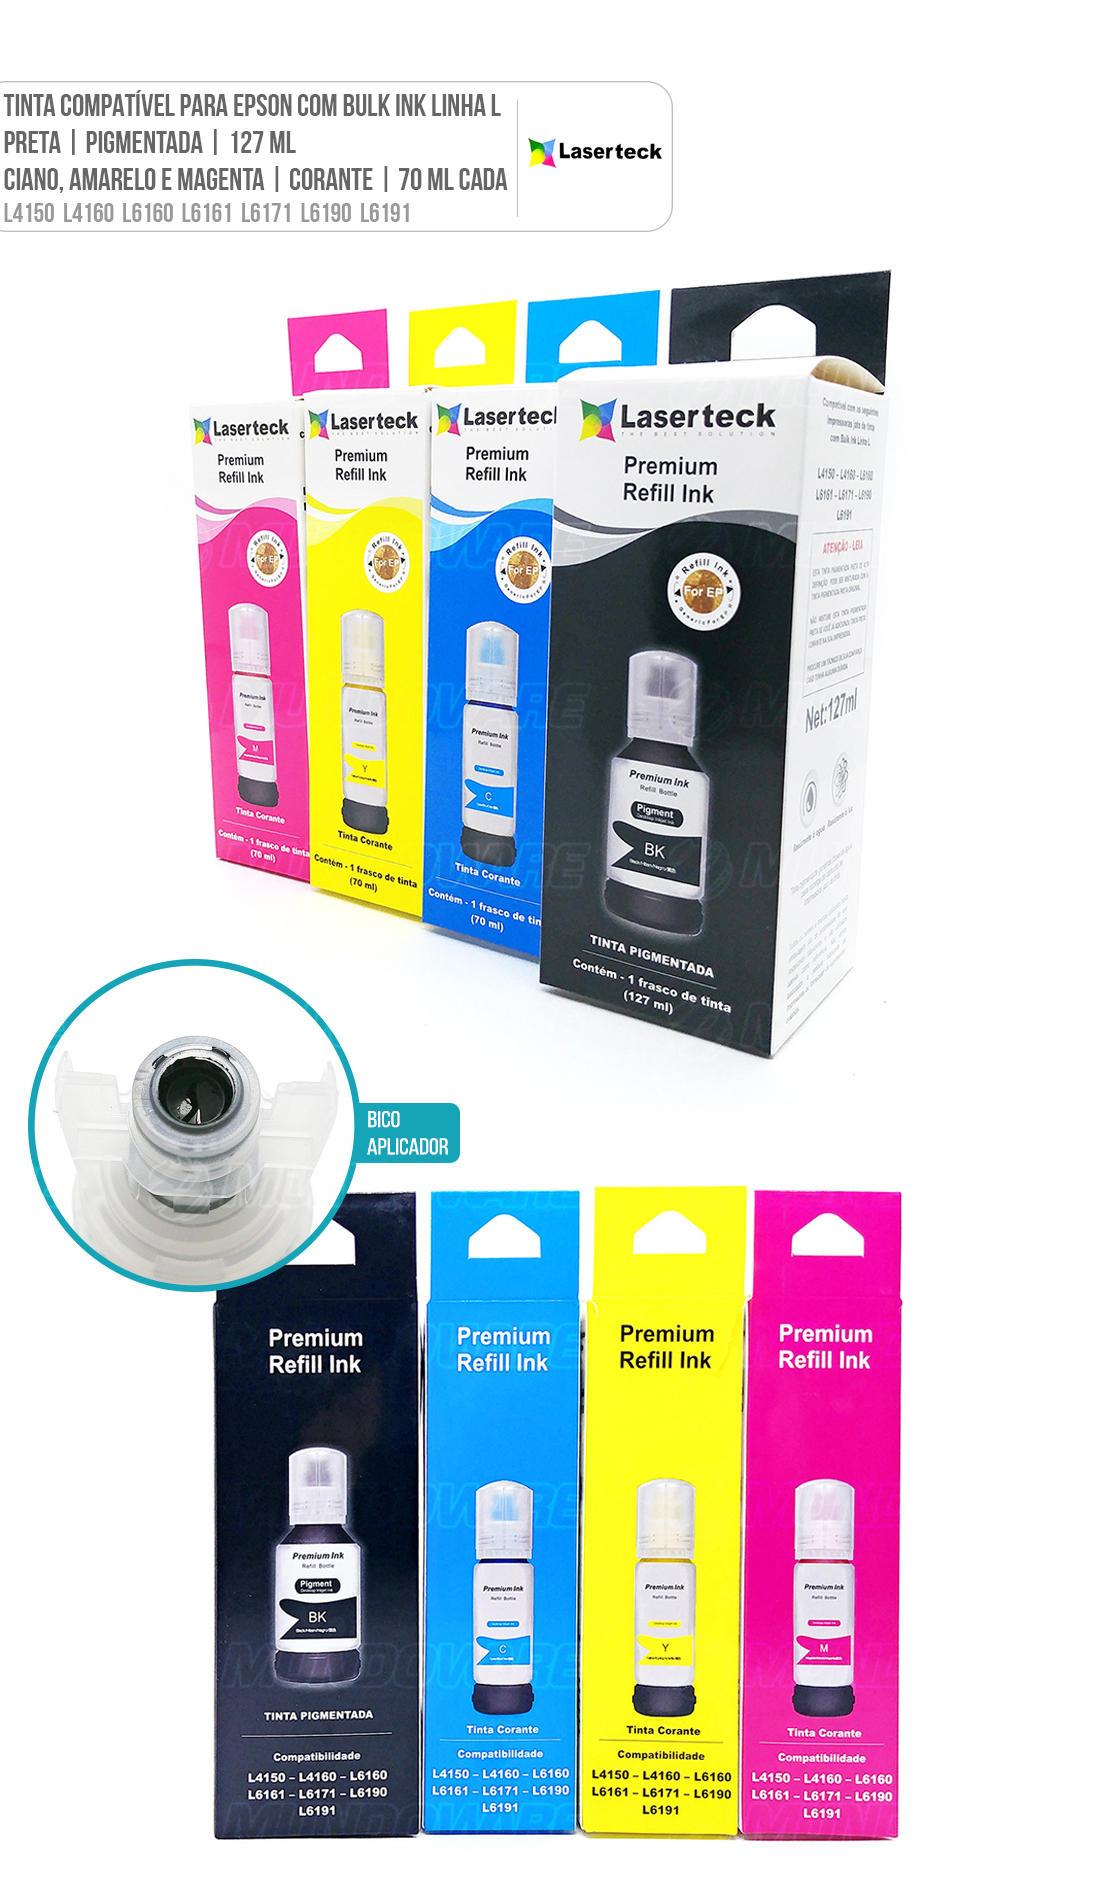 Kit Colorido 4 cores de Tinta Compatível para impressora Jato de Tinta com Bulk Ink Linha L modelos L4150 L4160 L6160 L6161 L6171 L6190 L6191 L 4150 L 4160 L 6160 L 6161 L 6171 L 6190 L 6191